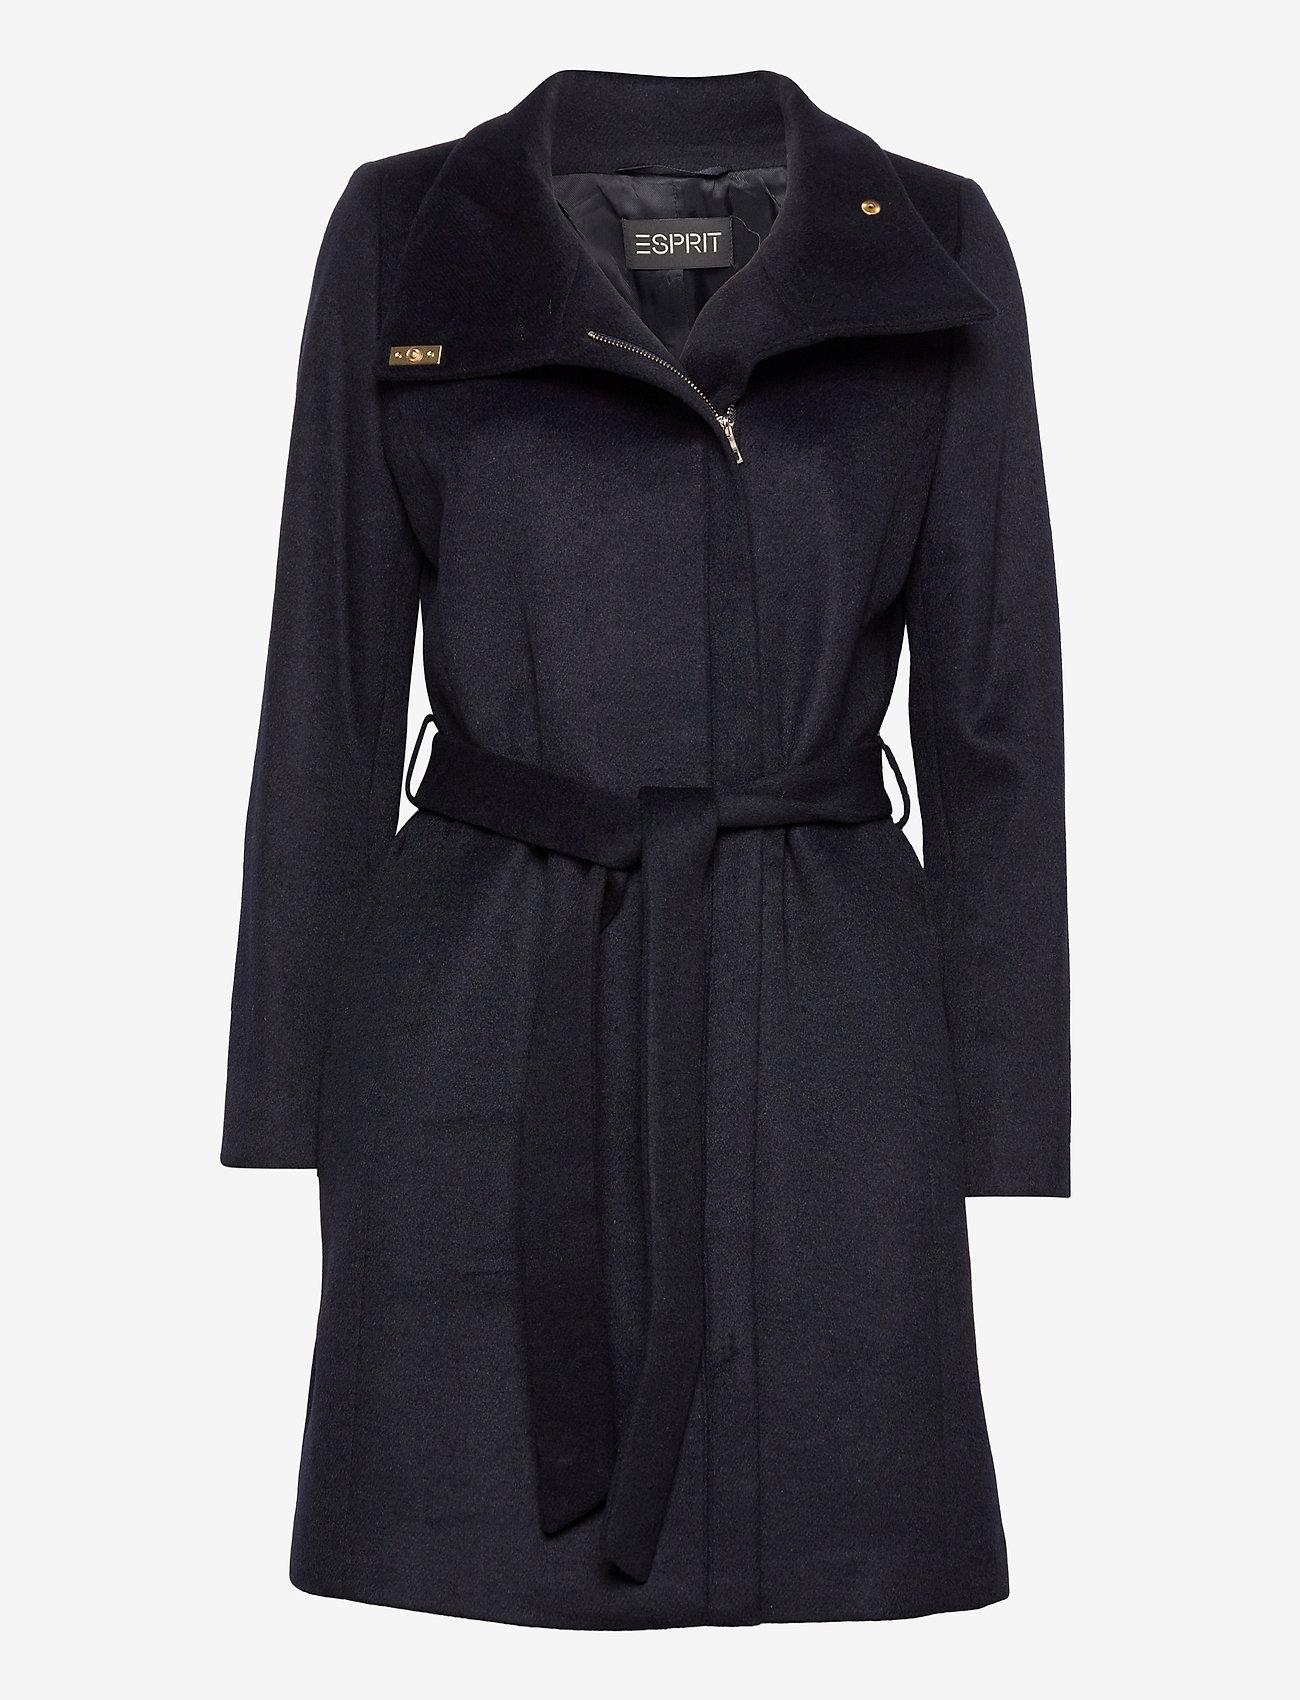 Esprit Collection - Coats woven - manteaux en laine - navy - 0